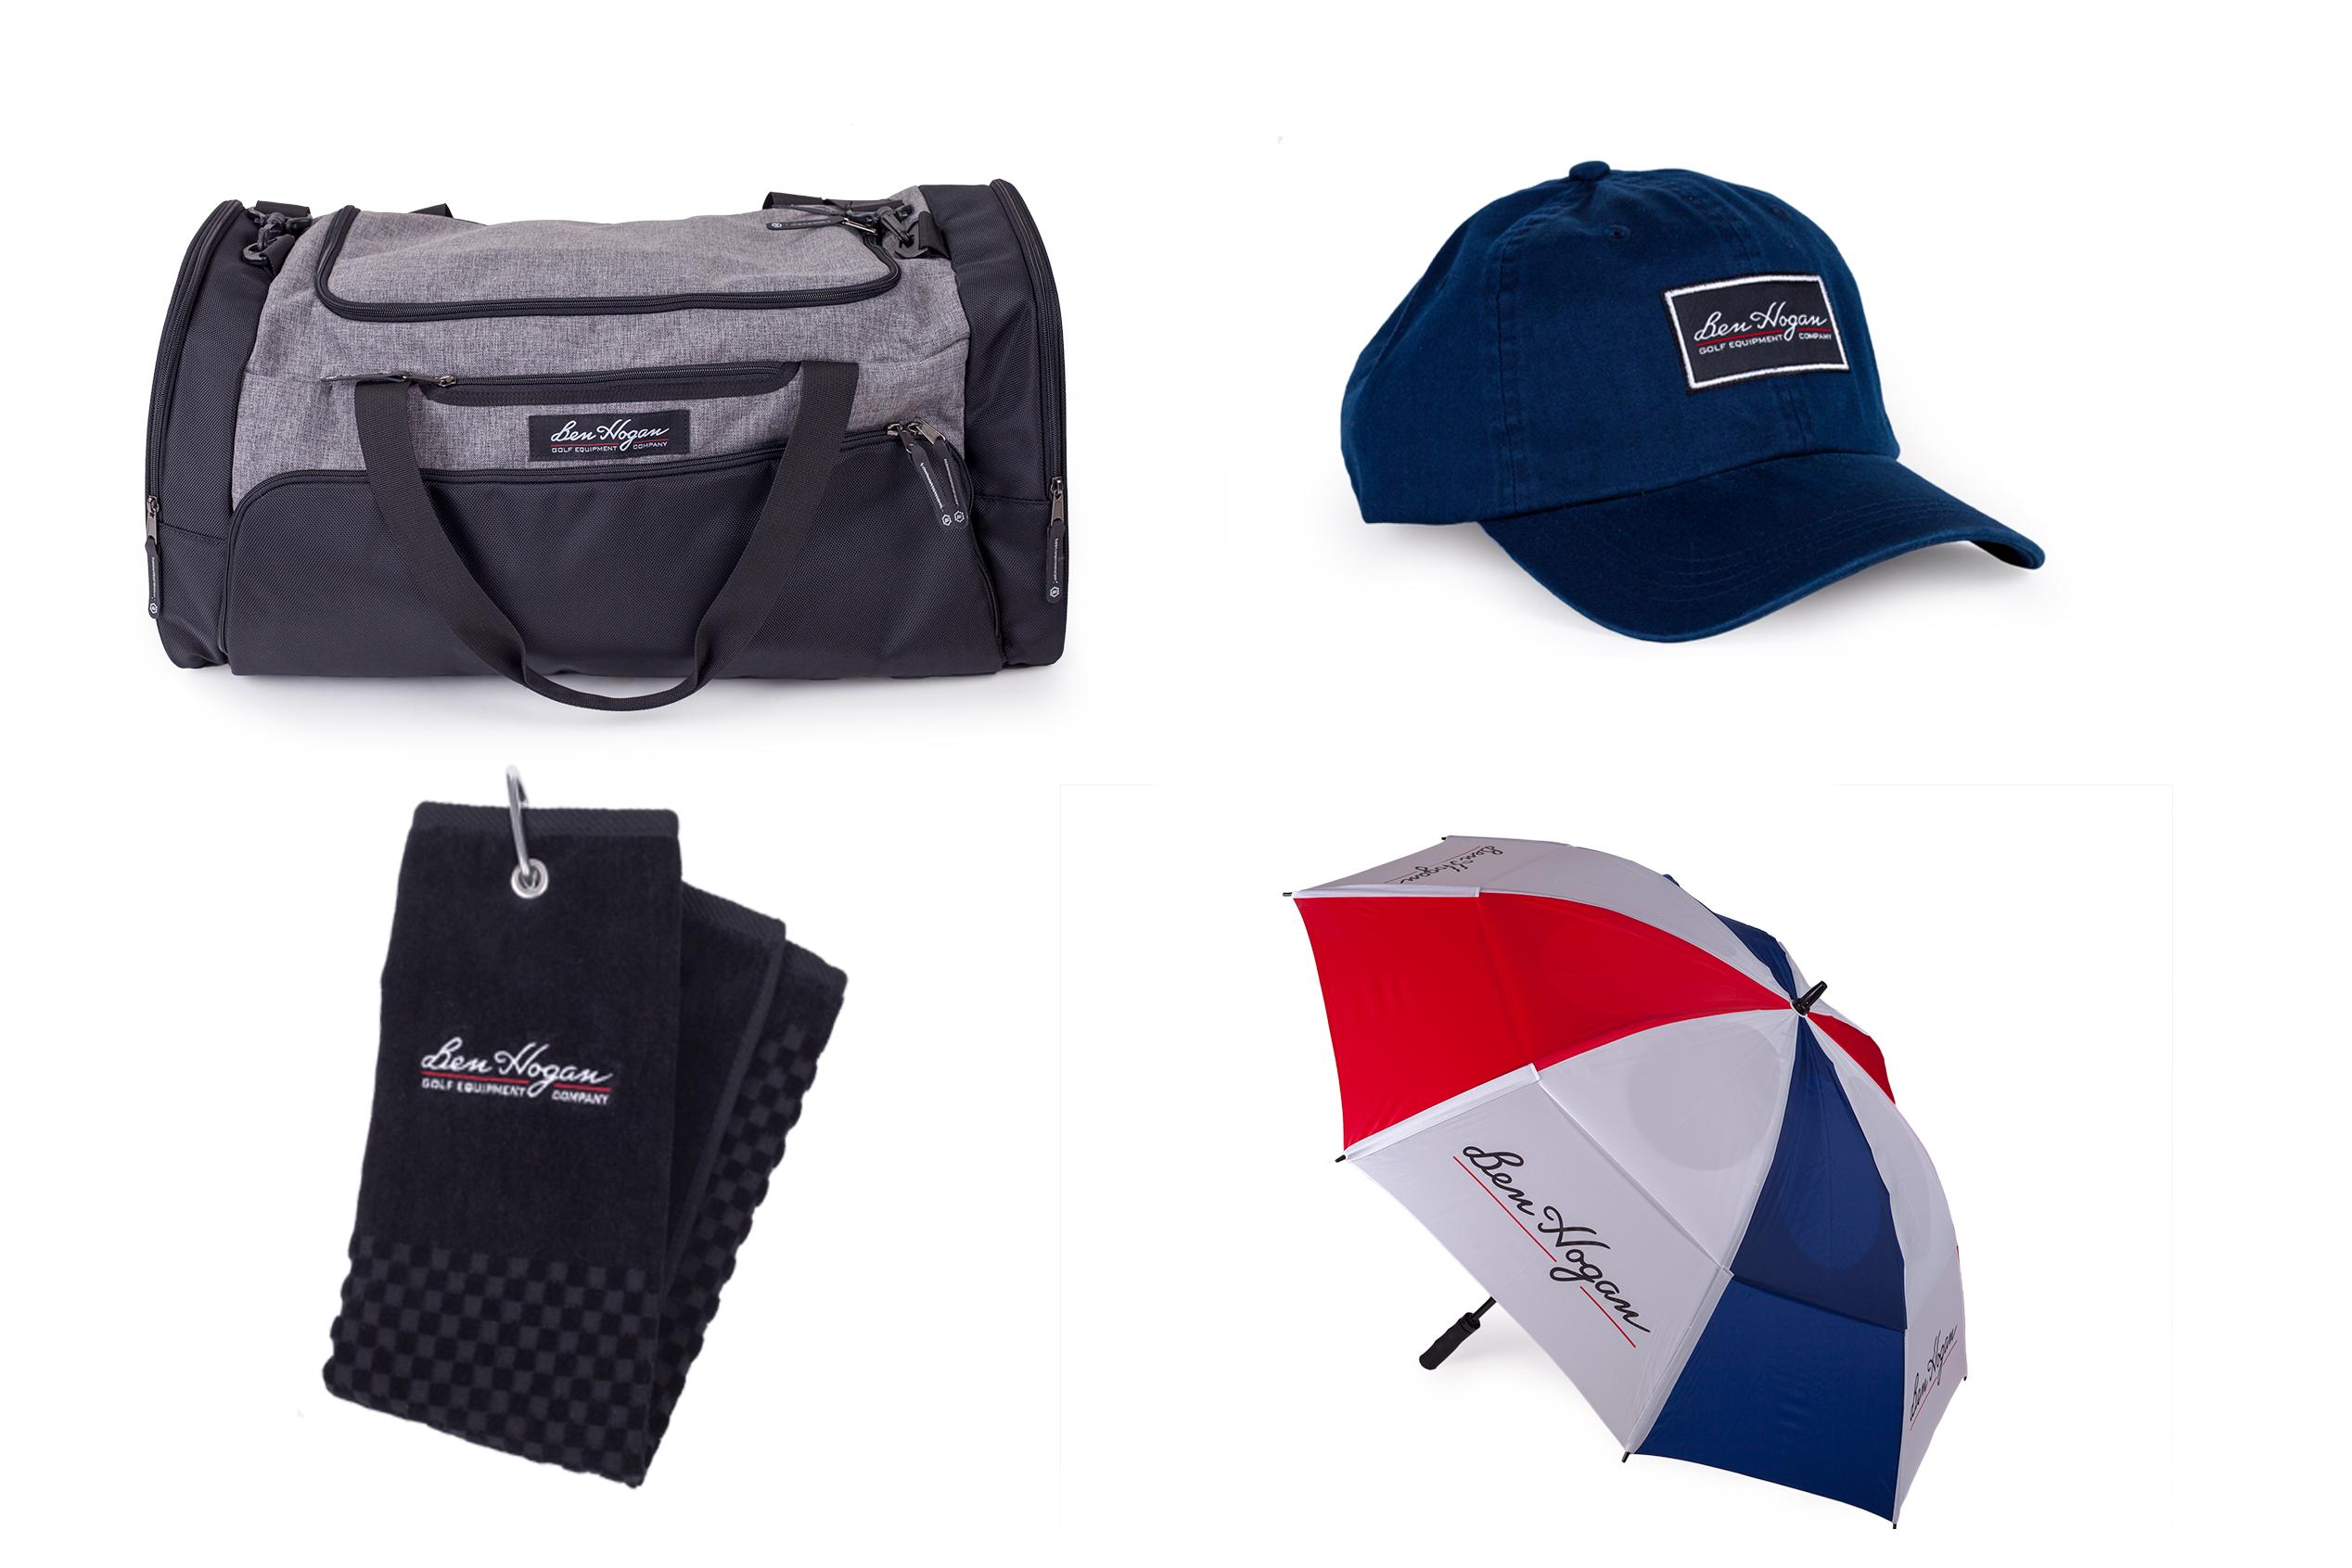 Ben Hogan Golf Equipment launch accessories for 2018